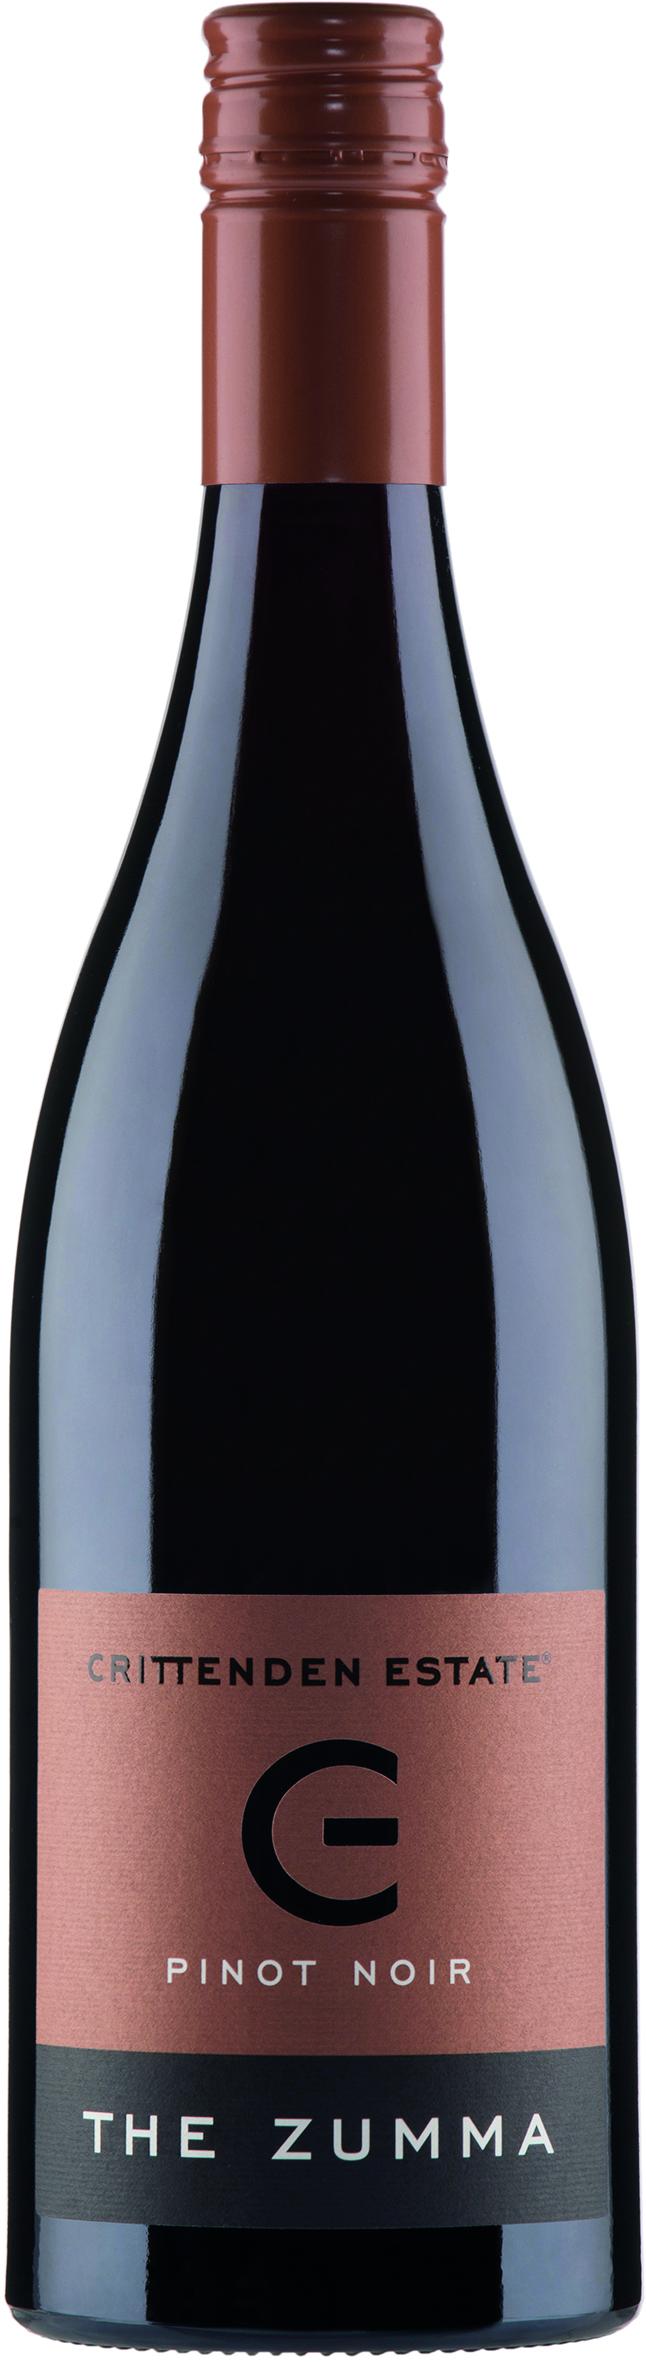 Wine 2 Crittenden Zumma.jpg